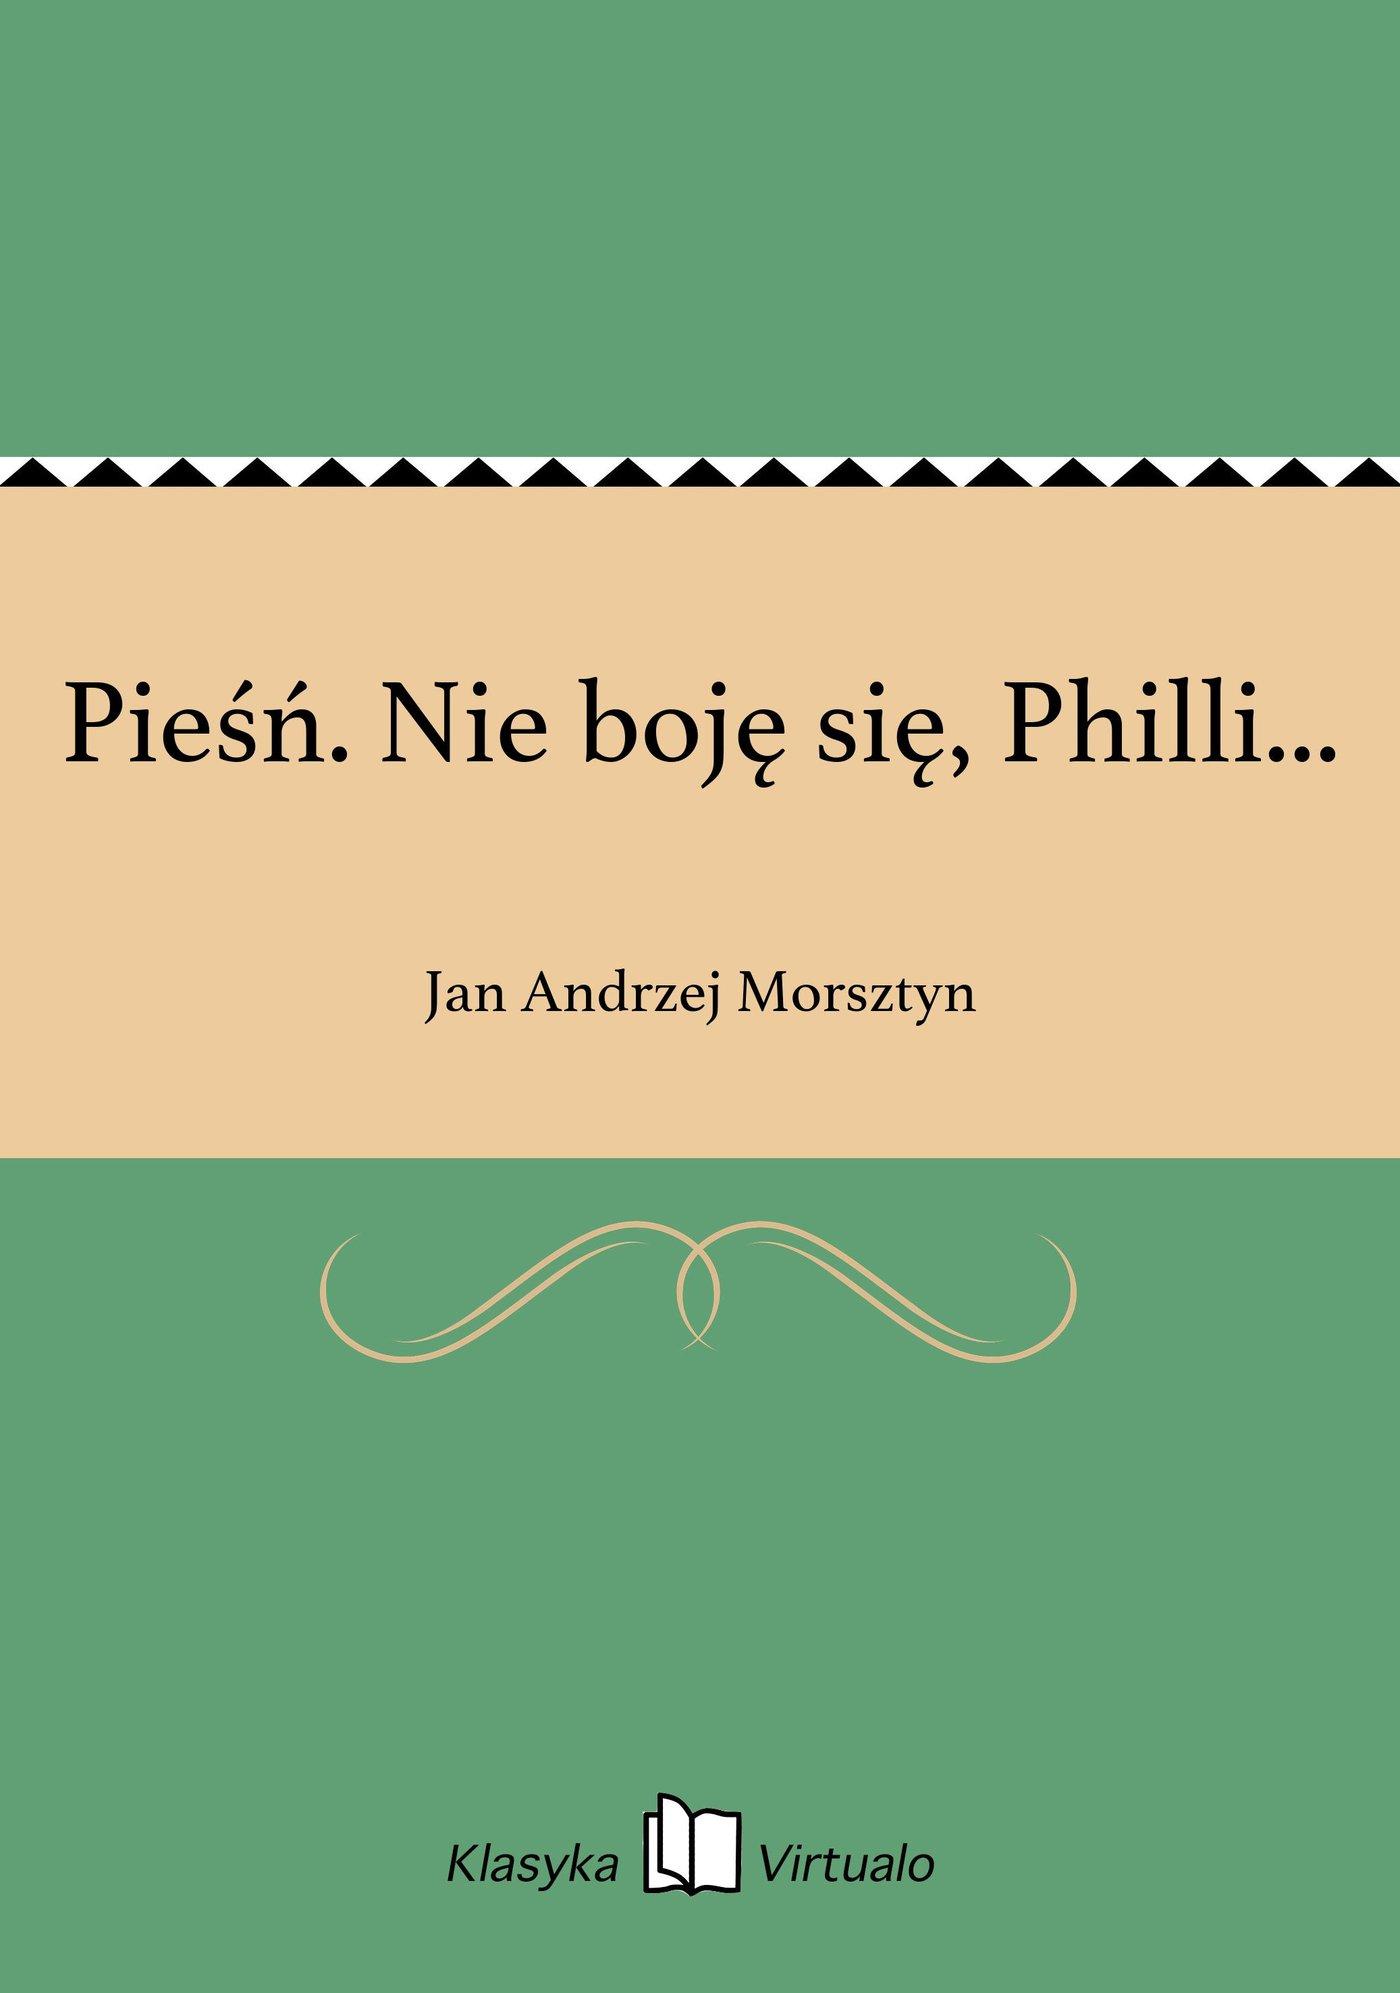 Pieśń. Nie boję się, Philli... - Ebook (Książka EPUB) do pobrania w formacie EPUB